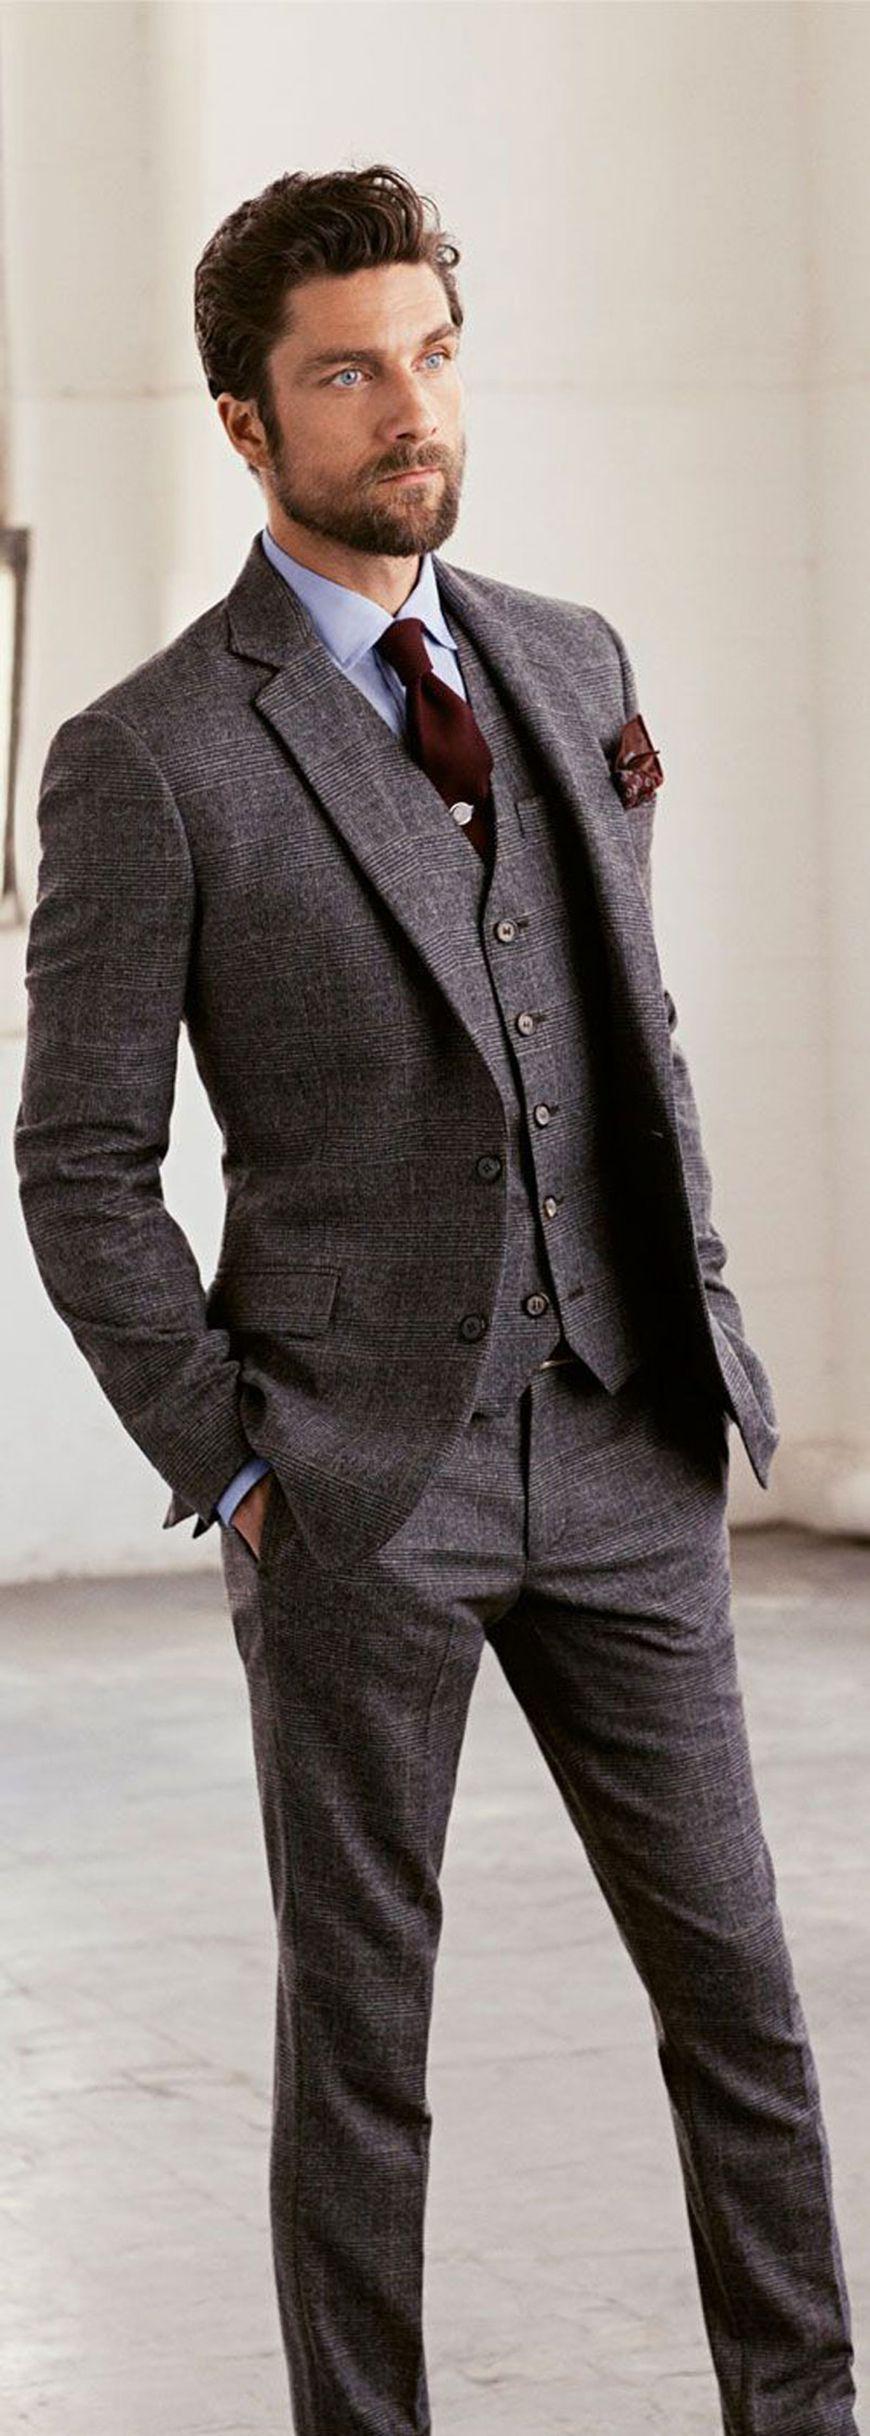 Wedding Ideas by Colour: Grey Wedding Suits - Alternative Fabric | CHWV